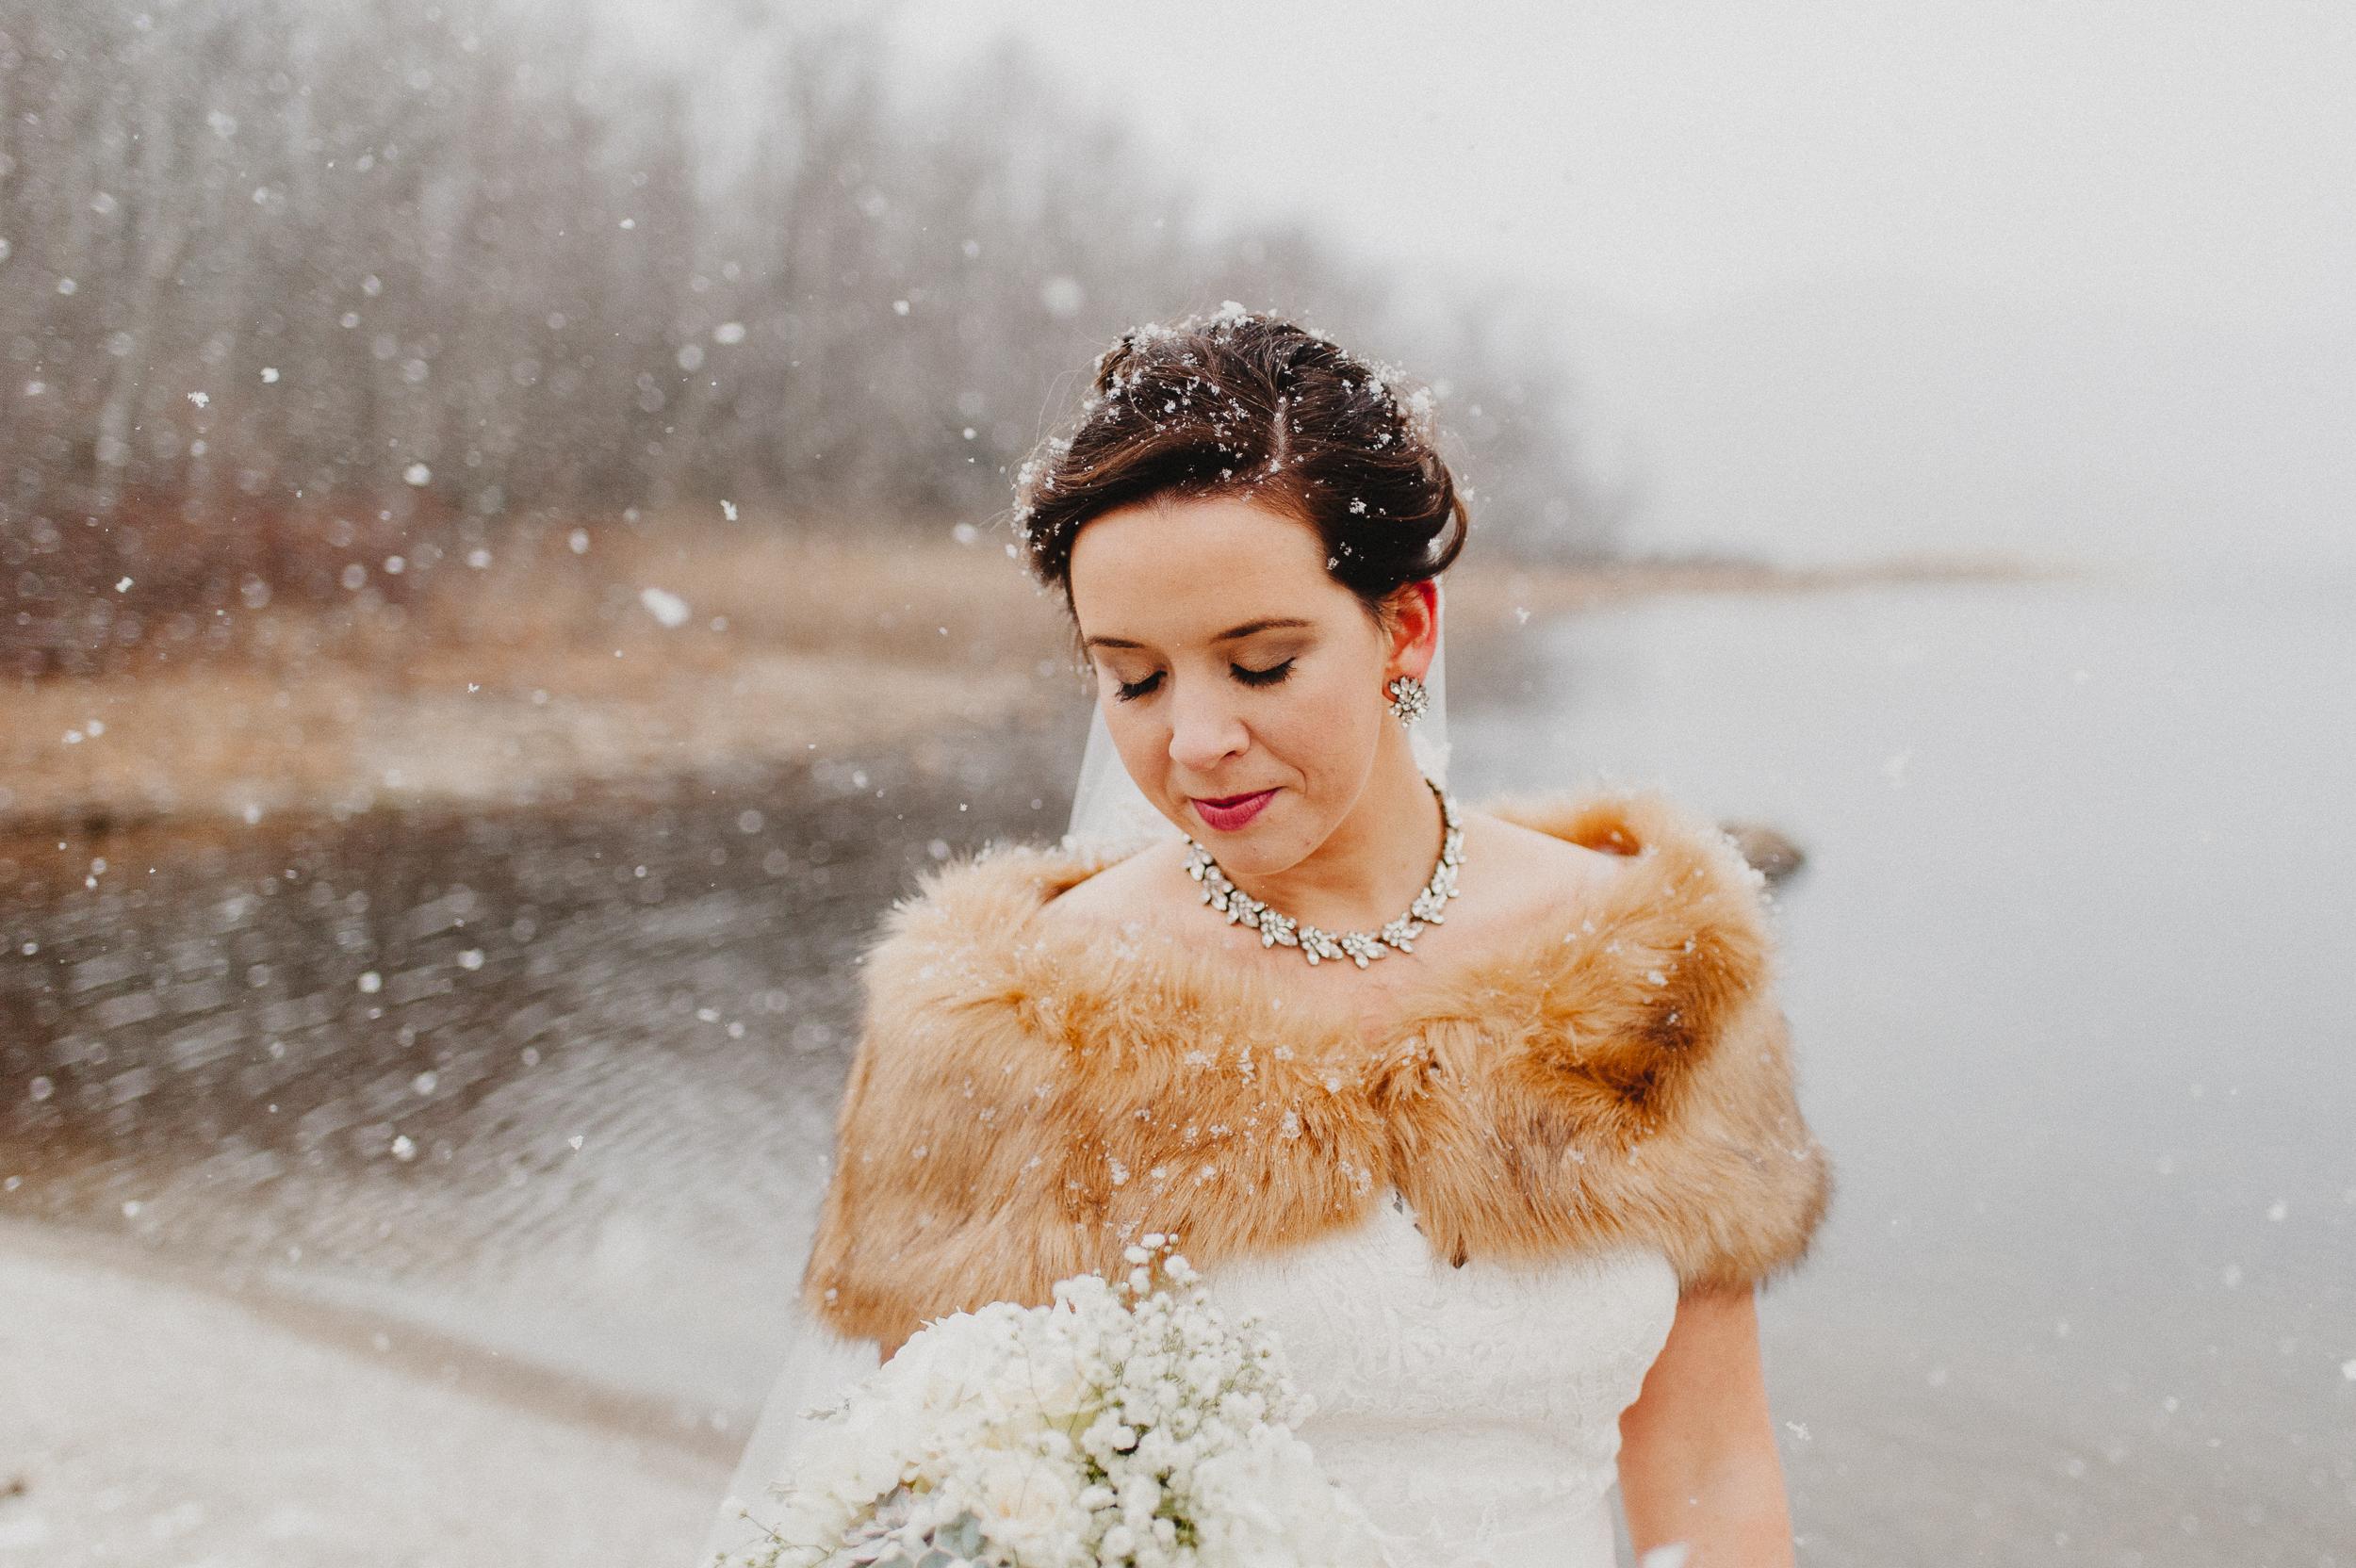 vermont-destination-wedding-photographer-31.jpg